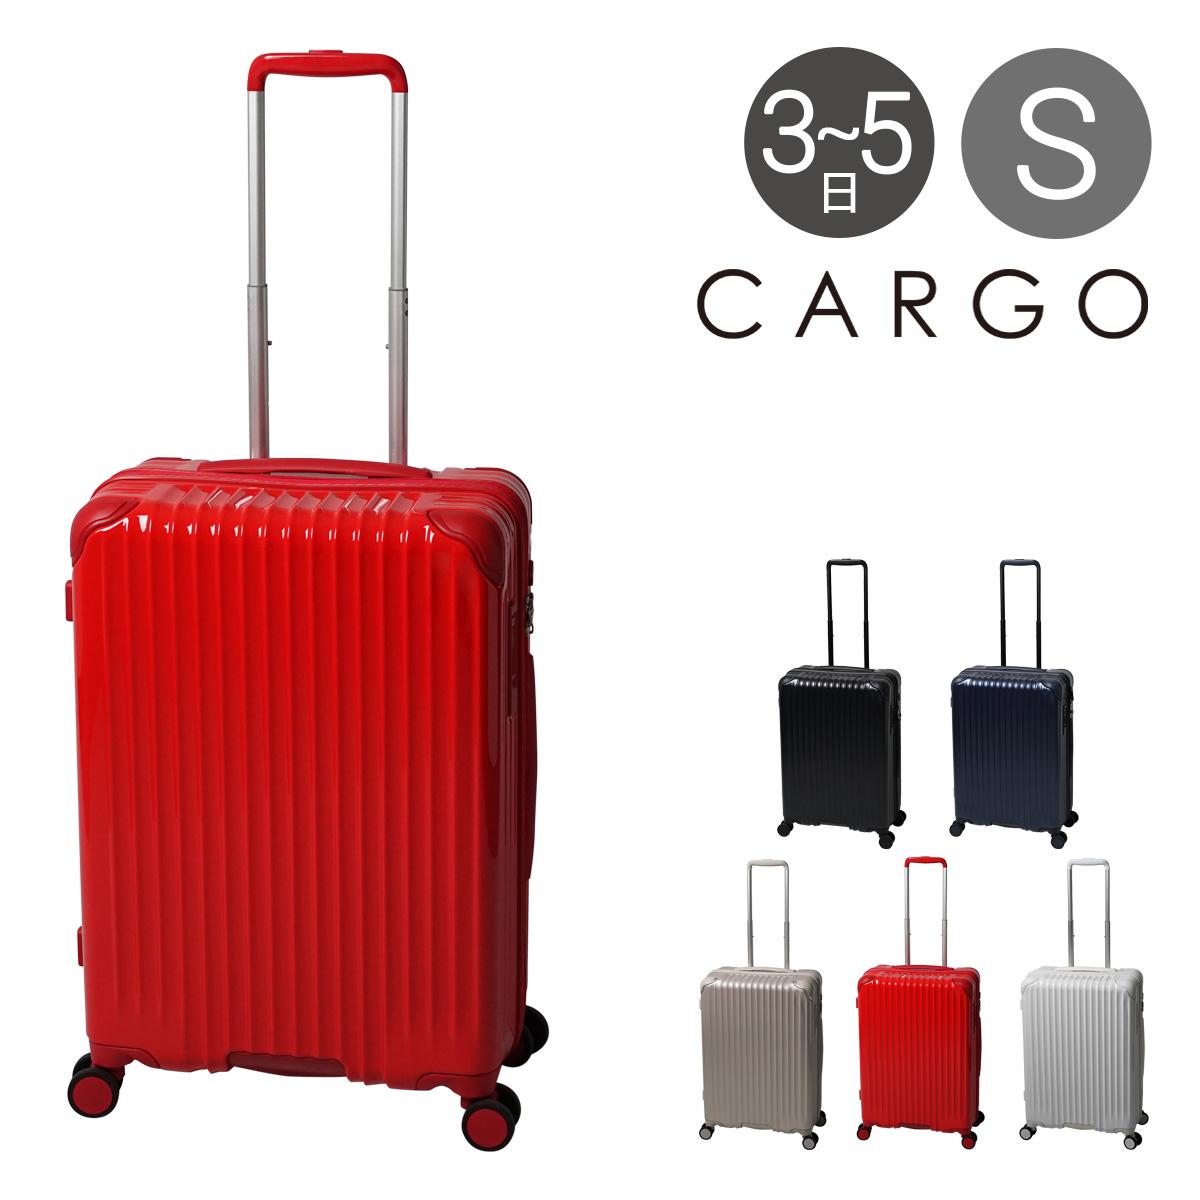 カーゴ スーツケース 56L 57.5cm 3.5kg エアスタンド CAT635ST CARGO AiR STAND ハード ファスナー キャリーバッグ キャリーケース ストッパー付き 静音 TSAロック搭載 HINOMOTO[PO10]